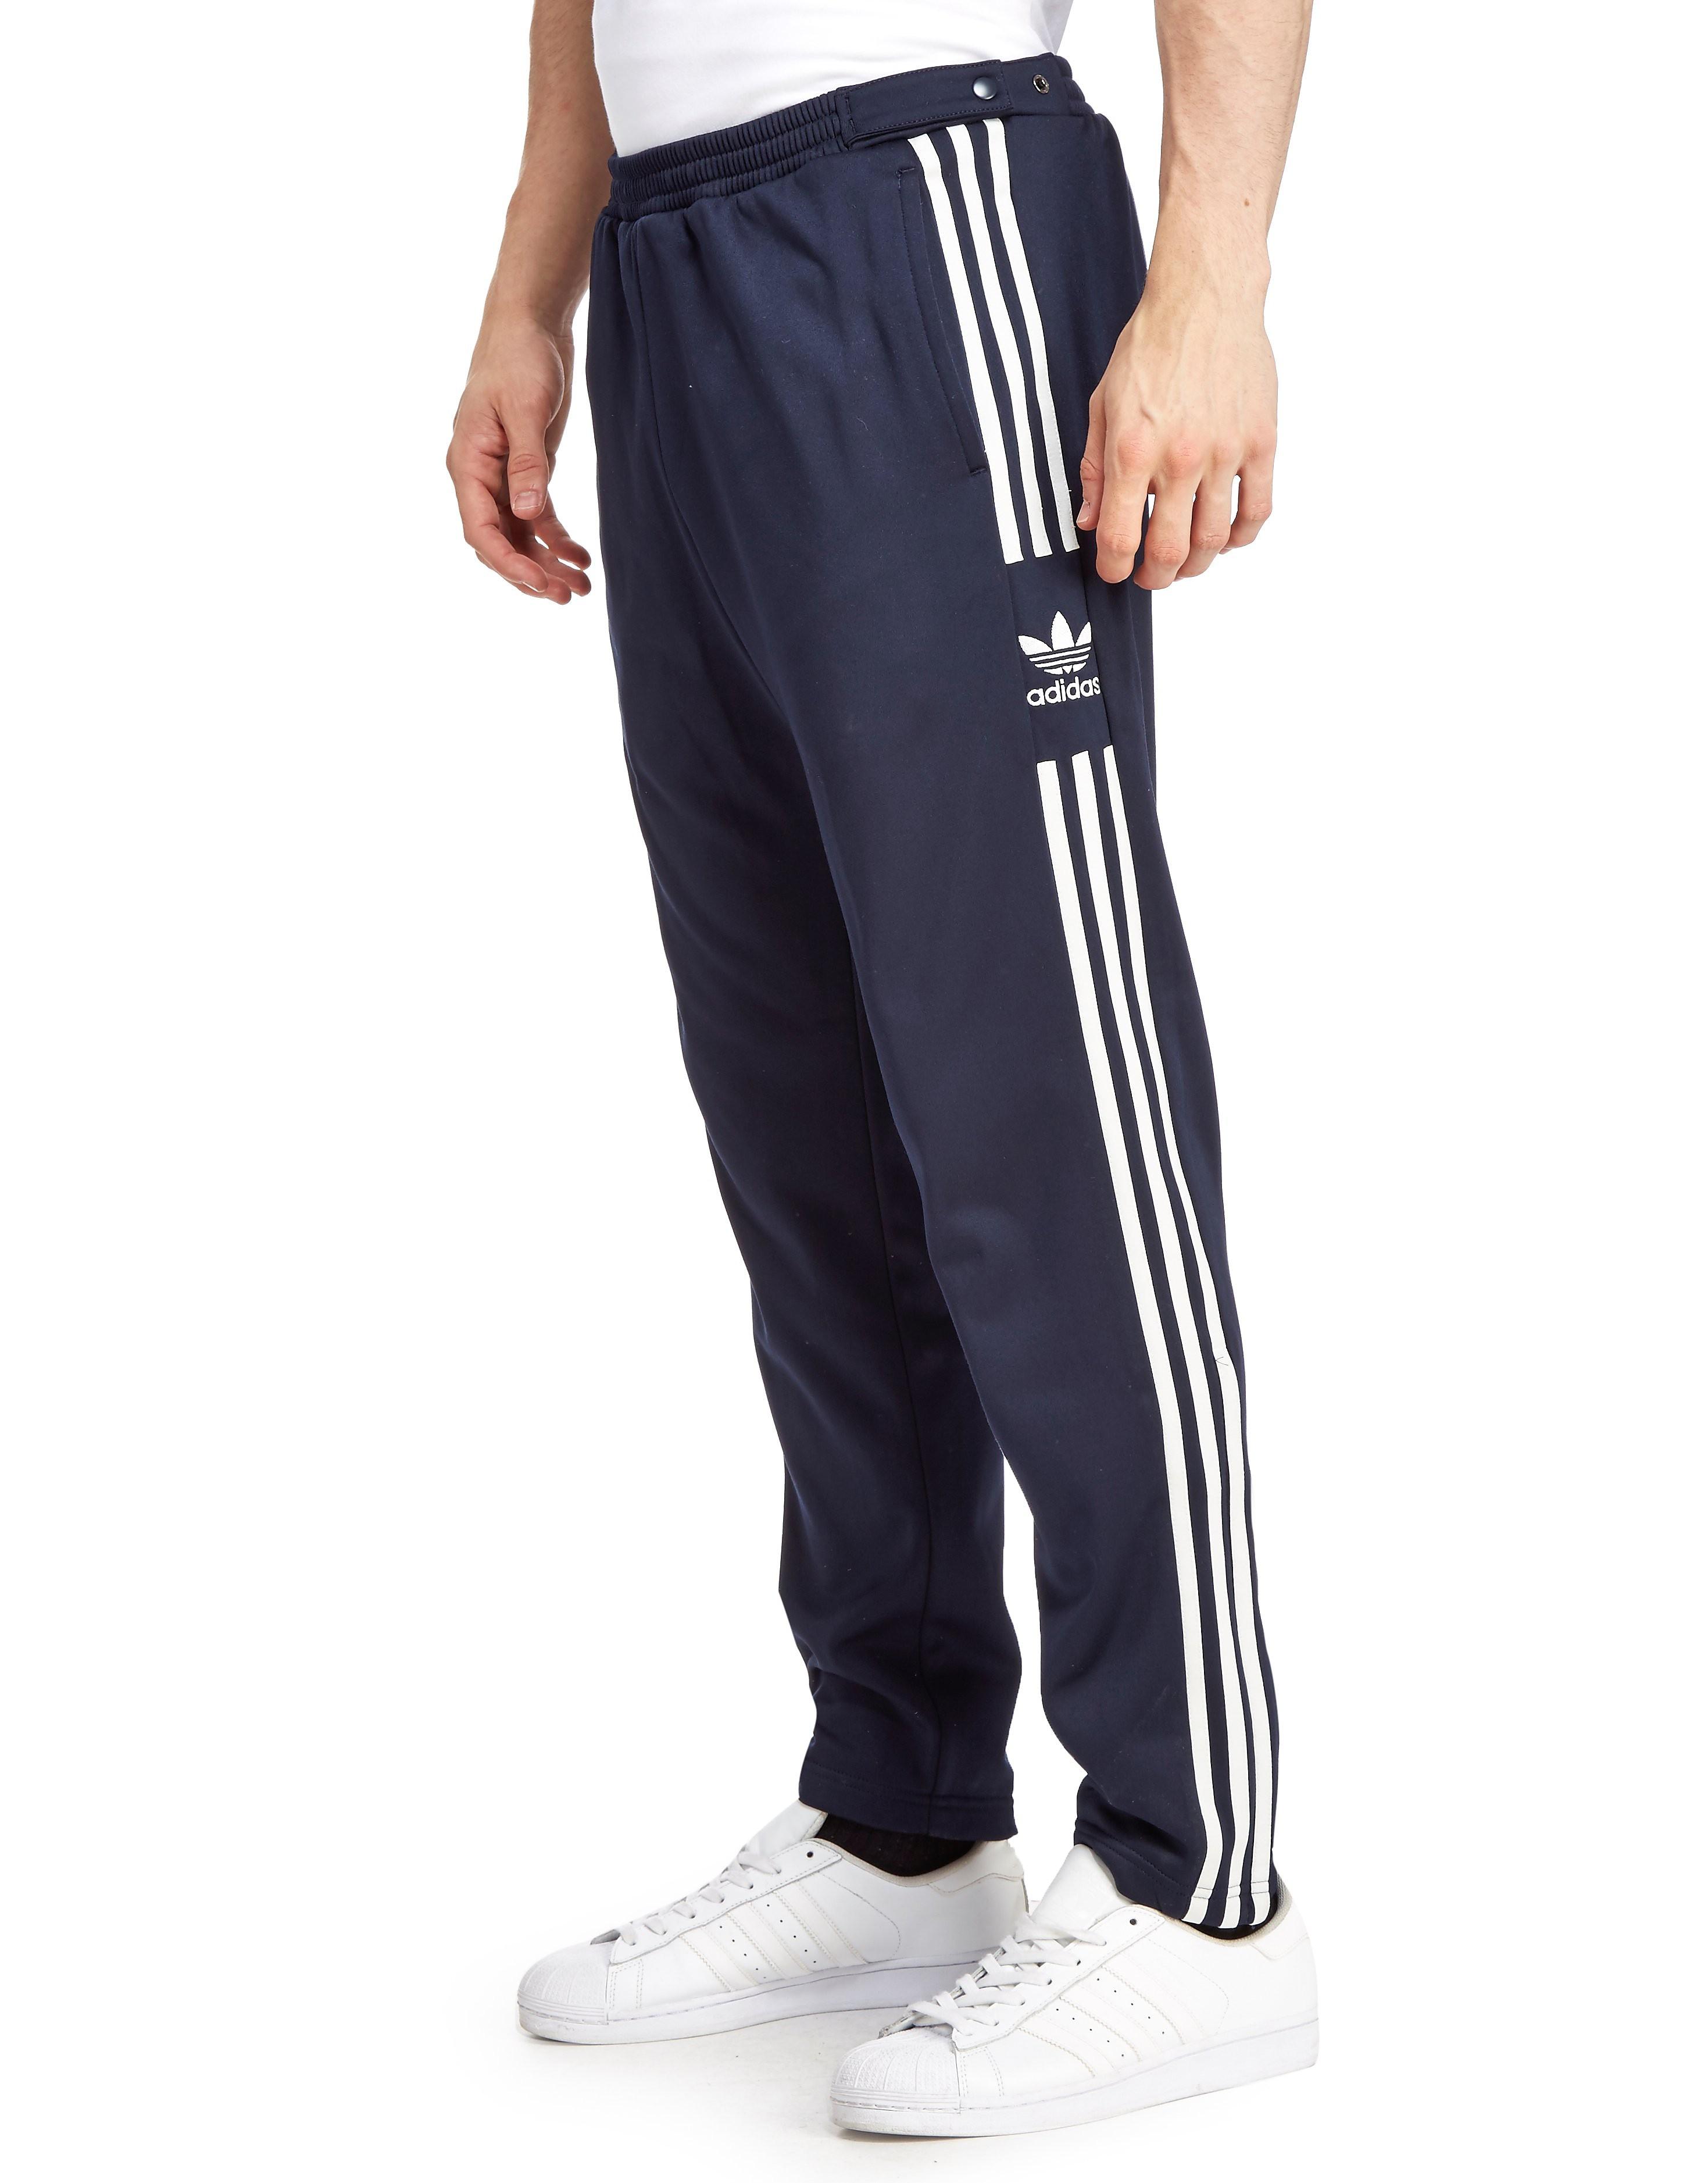 adidas Originals Trefoil Archive 96 Pants